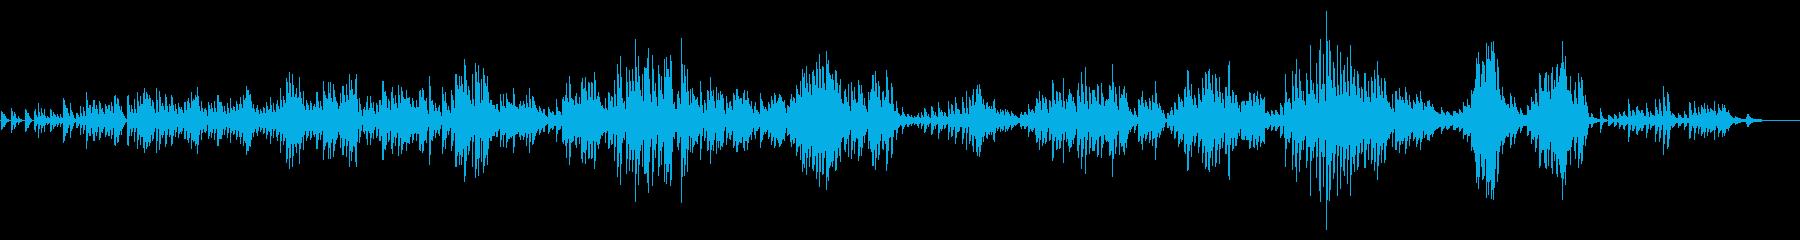 ラヴェル クープランの墓2 フーガの再生済みの波形